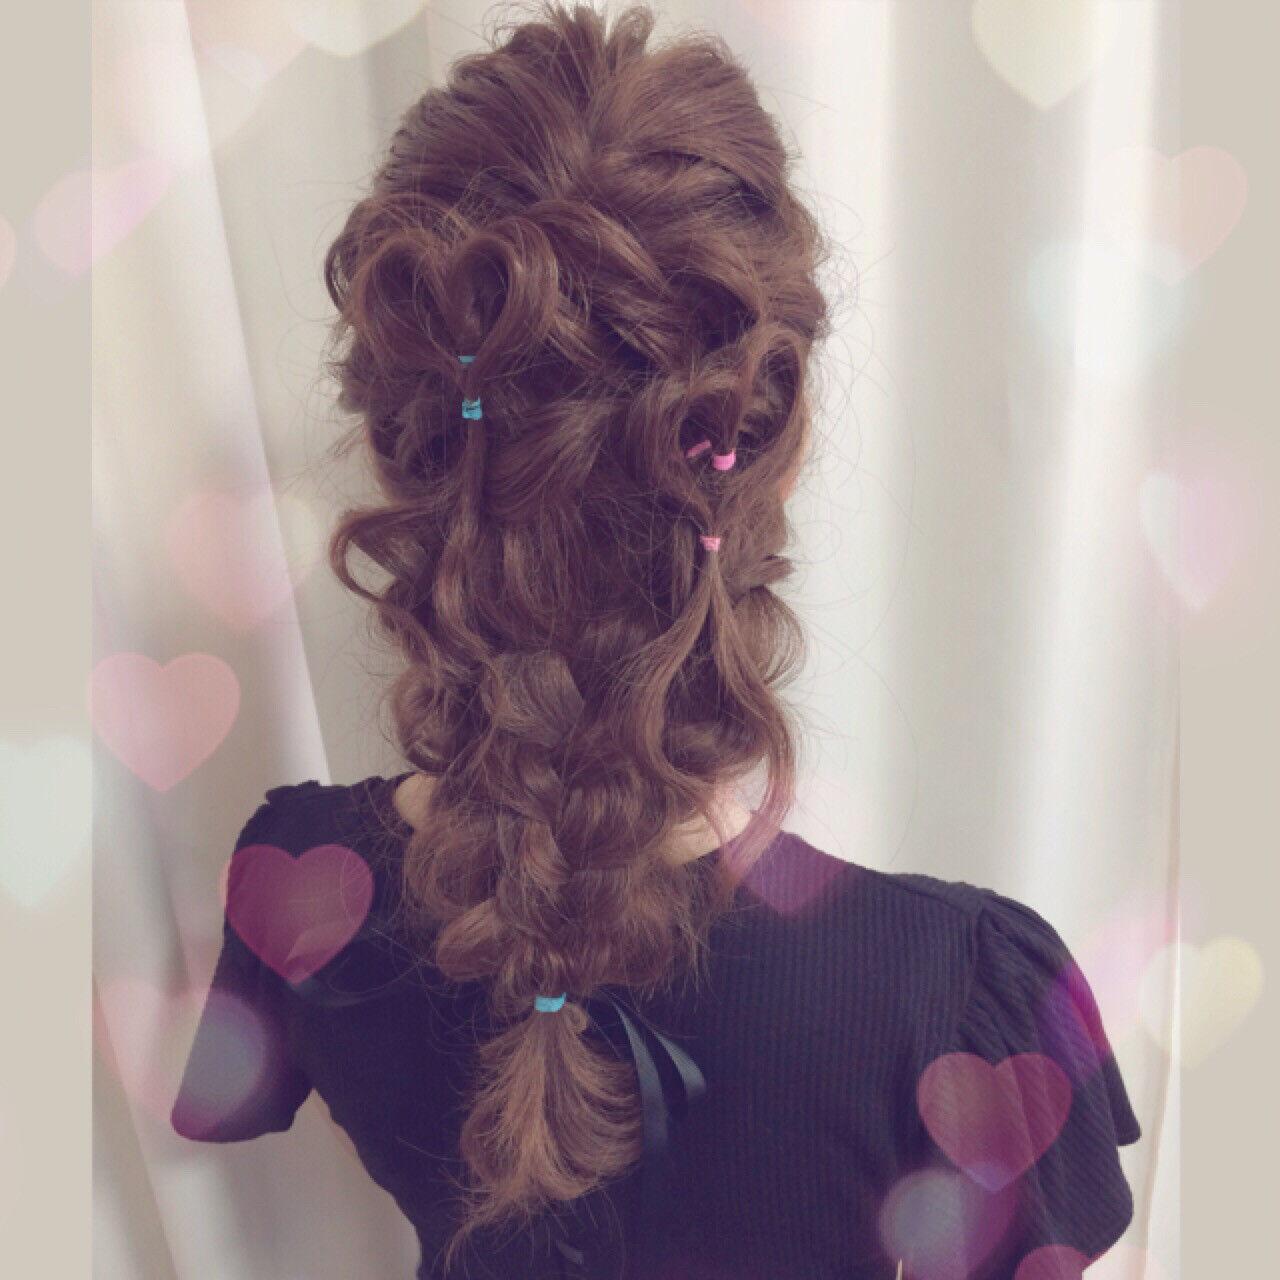 グラデーションカラー ショート 簡単ヘアアレンジ ゆるふわヘアスタイルや髪型の写真・画像